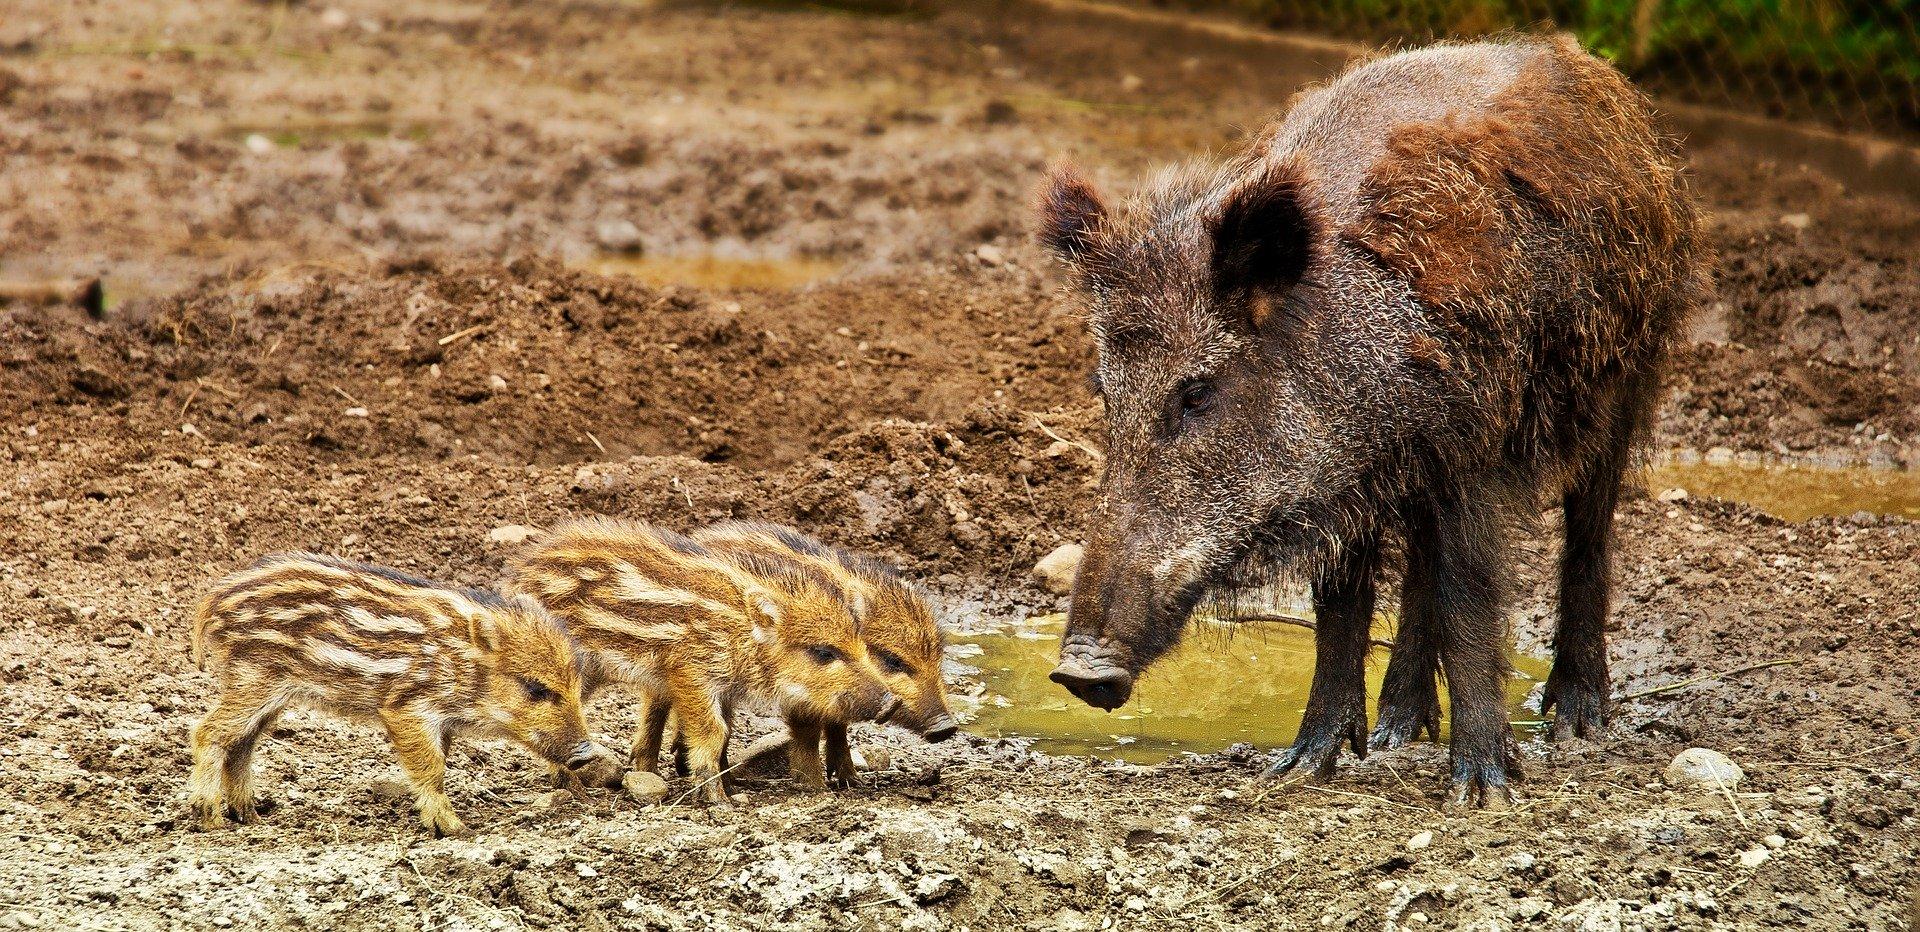 wild-boar-3481646_1920.jpg